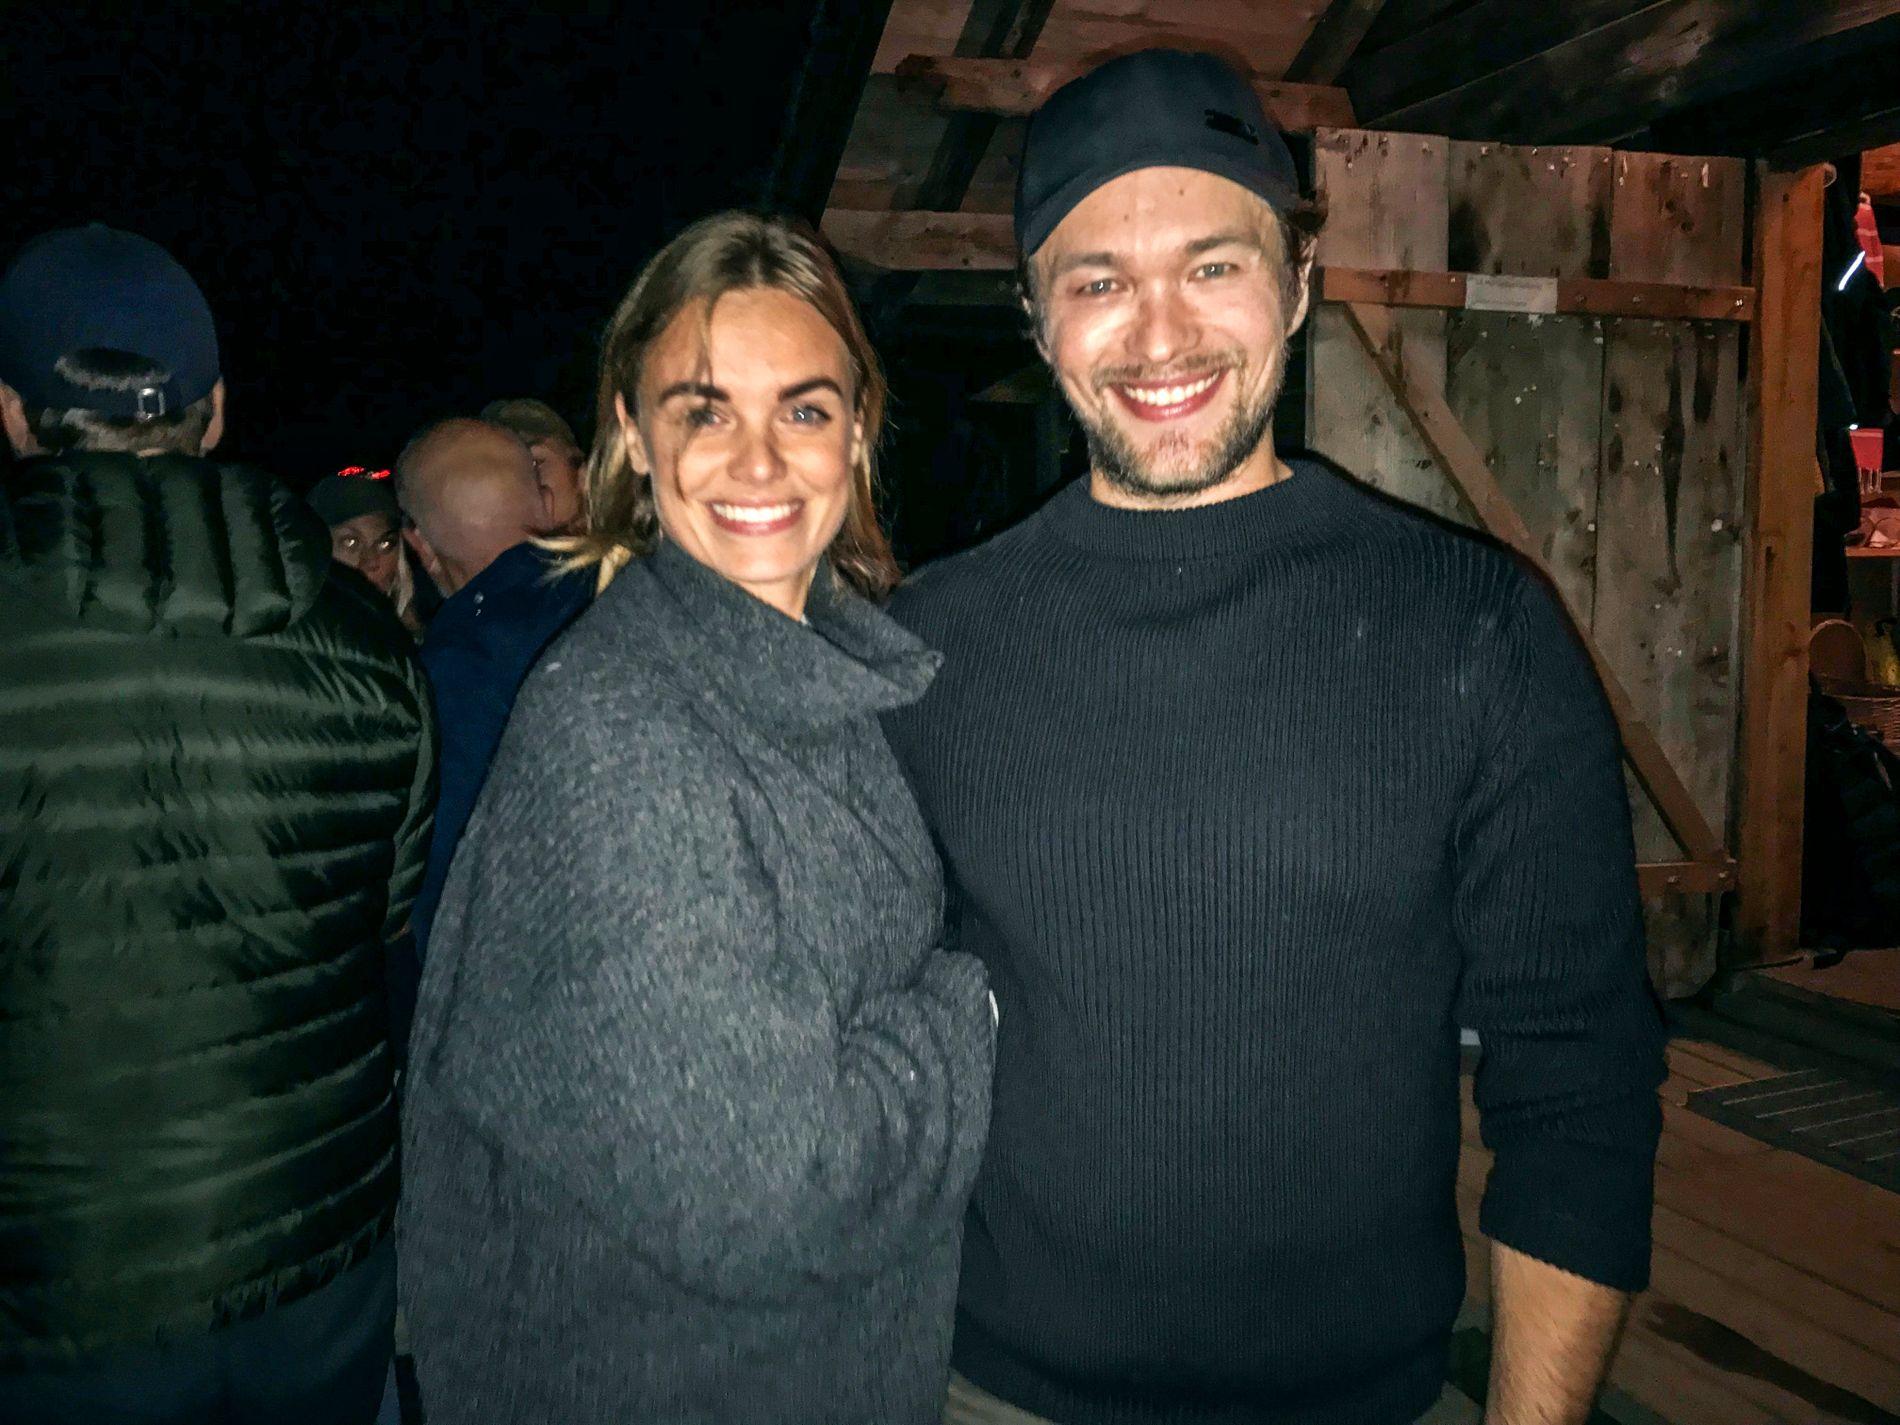 KJÆRESTER: Jakob Oftebro og kjæresten Hannah Chocron etter forestillingen på Gålå fredag kveld.